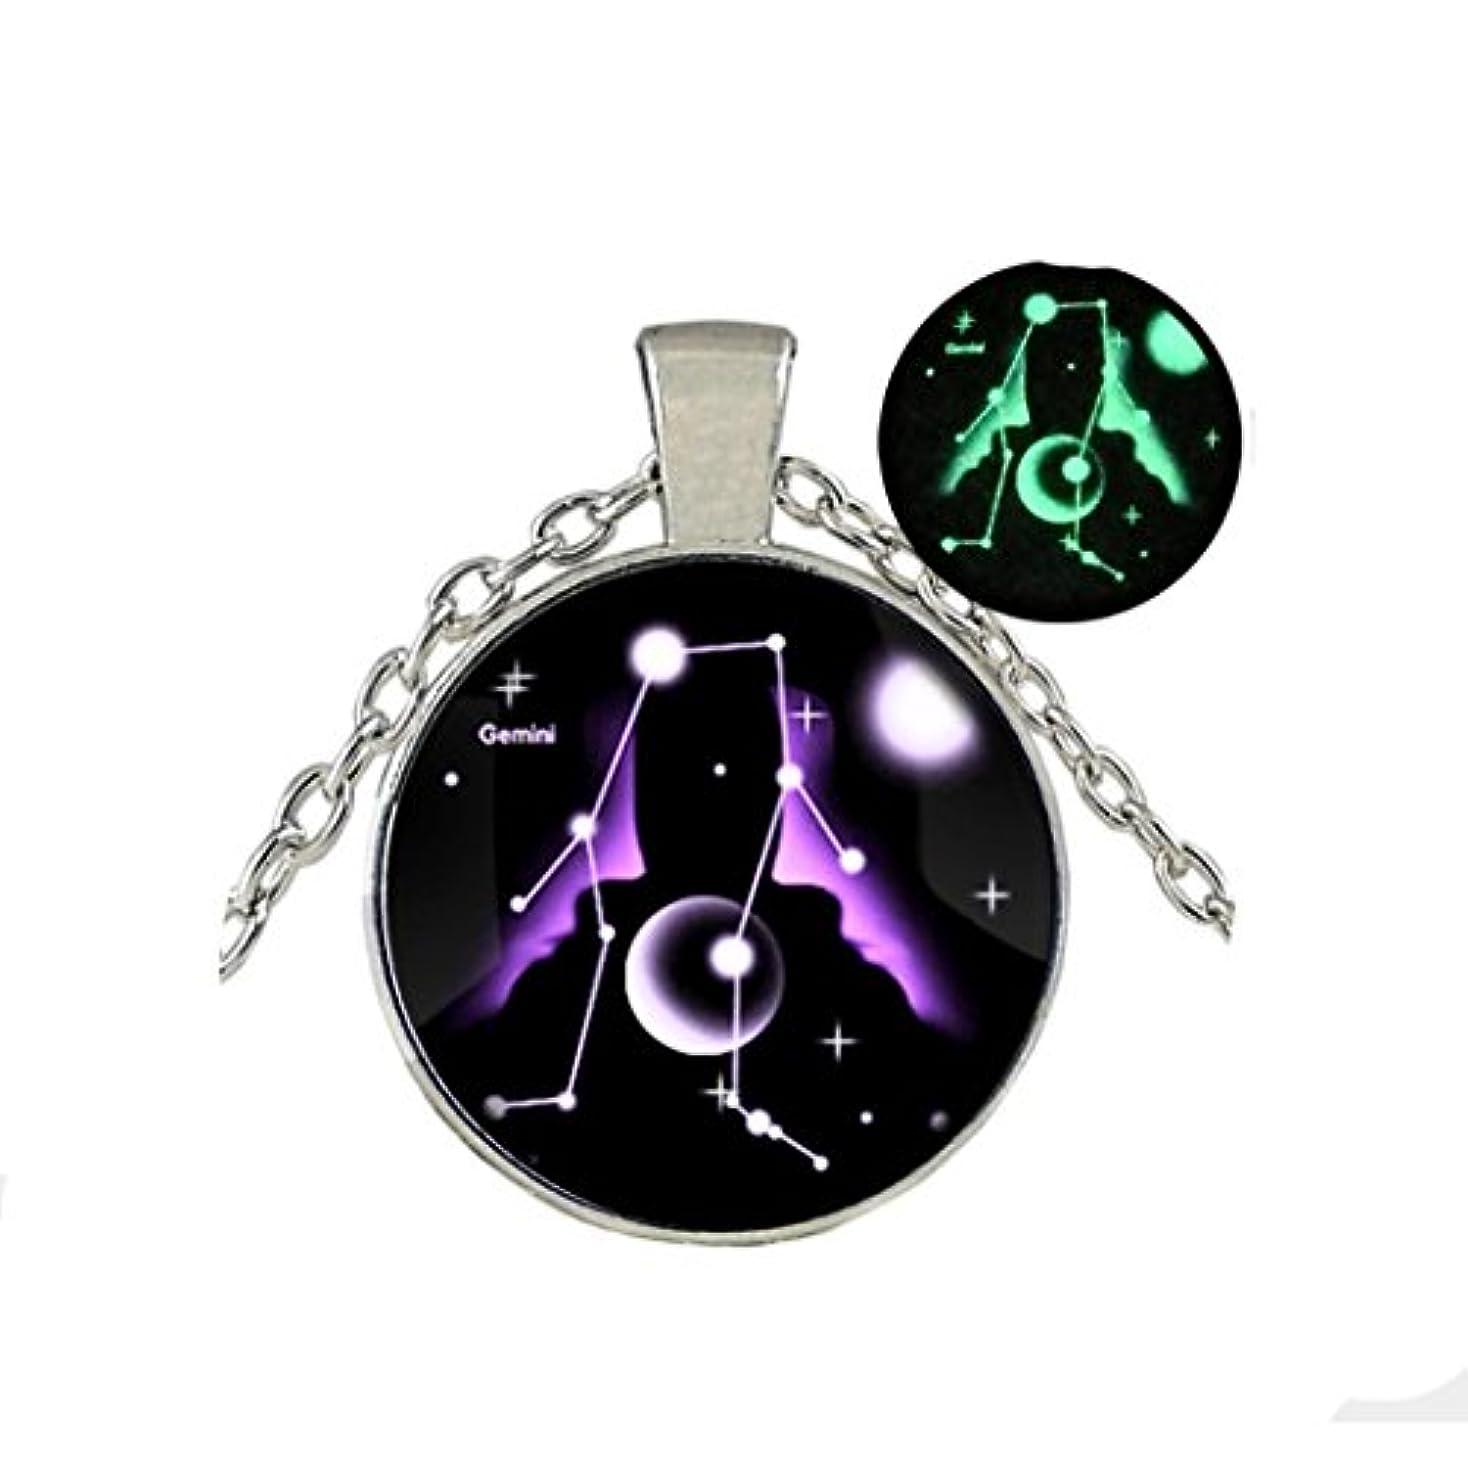 イブブルジョン種Glow in the Dark /グローネックレス/ Glowing Jewely / Constellation Geminiジュエリー